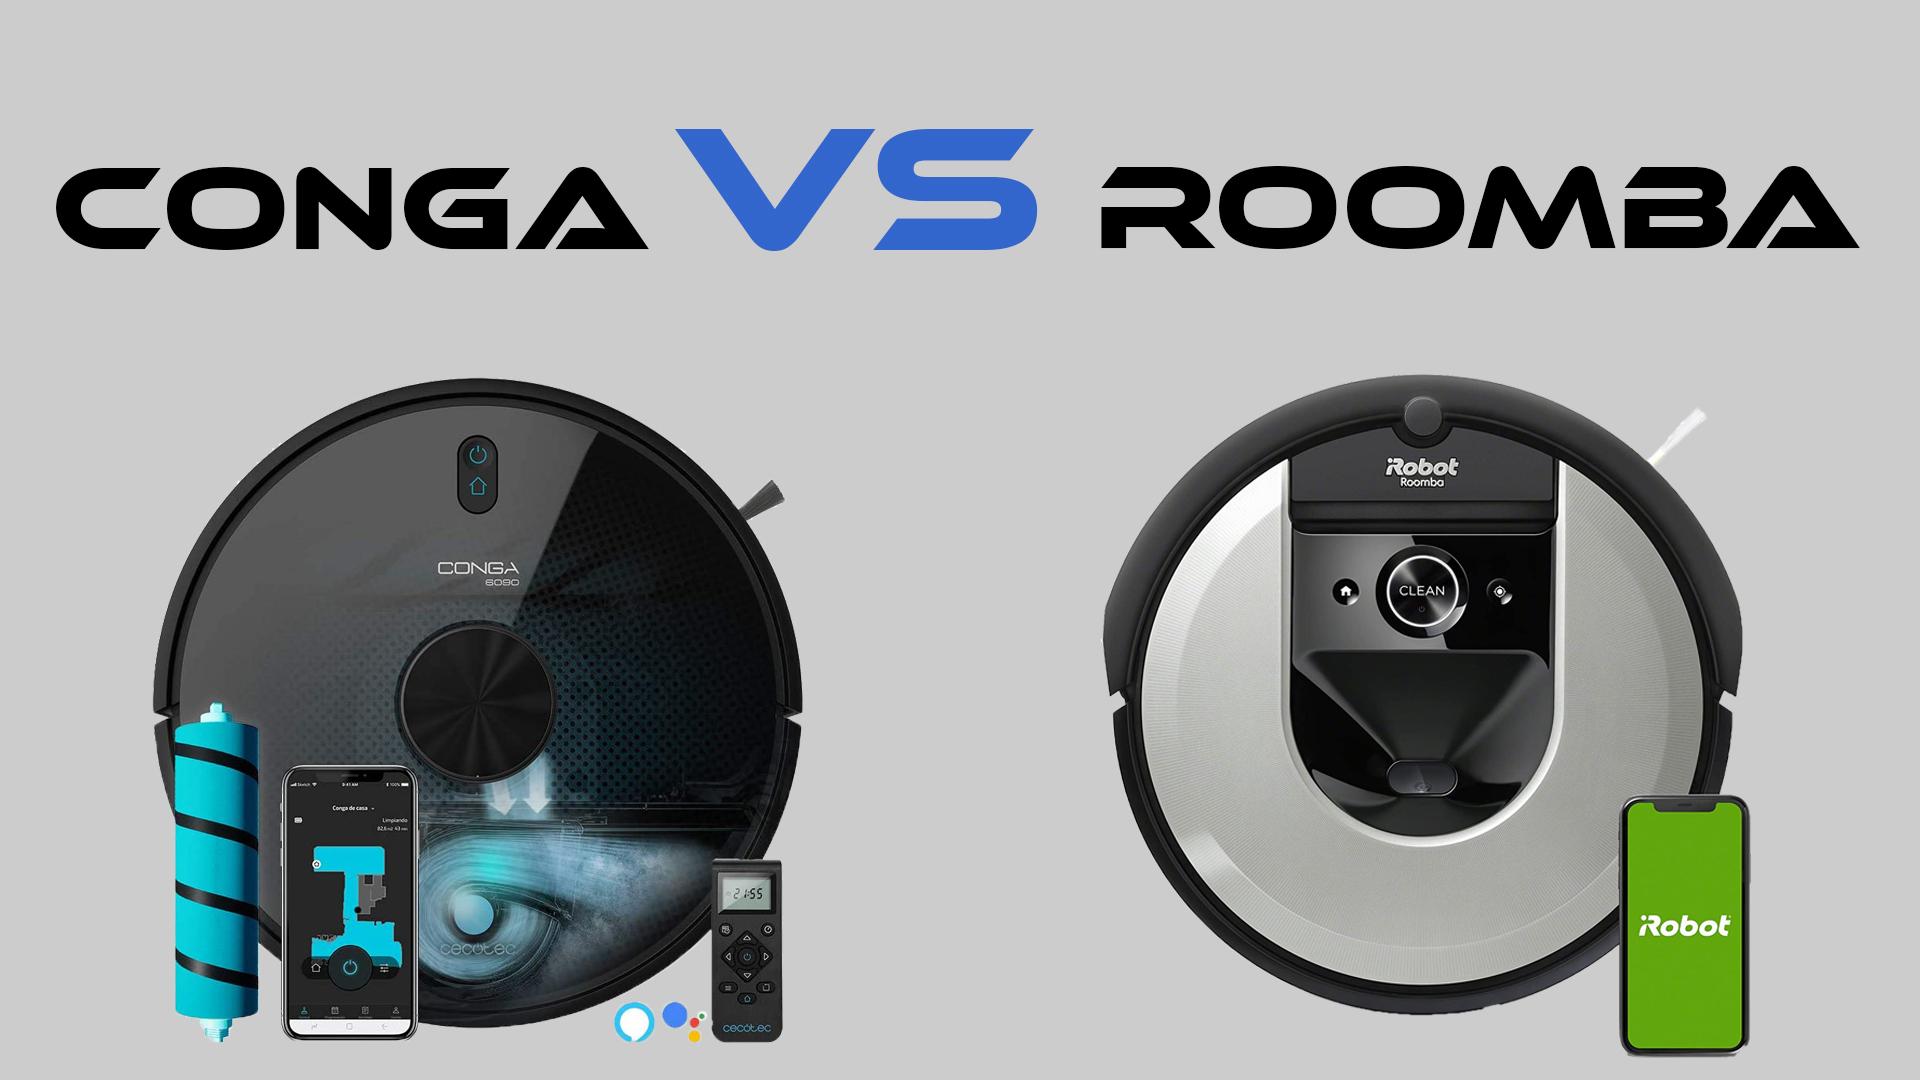 Imagen principal del artículo conga vs roomba